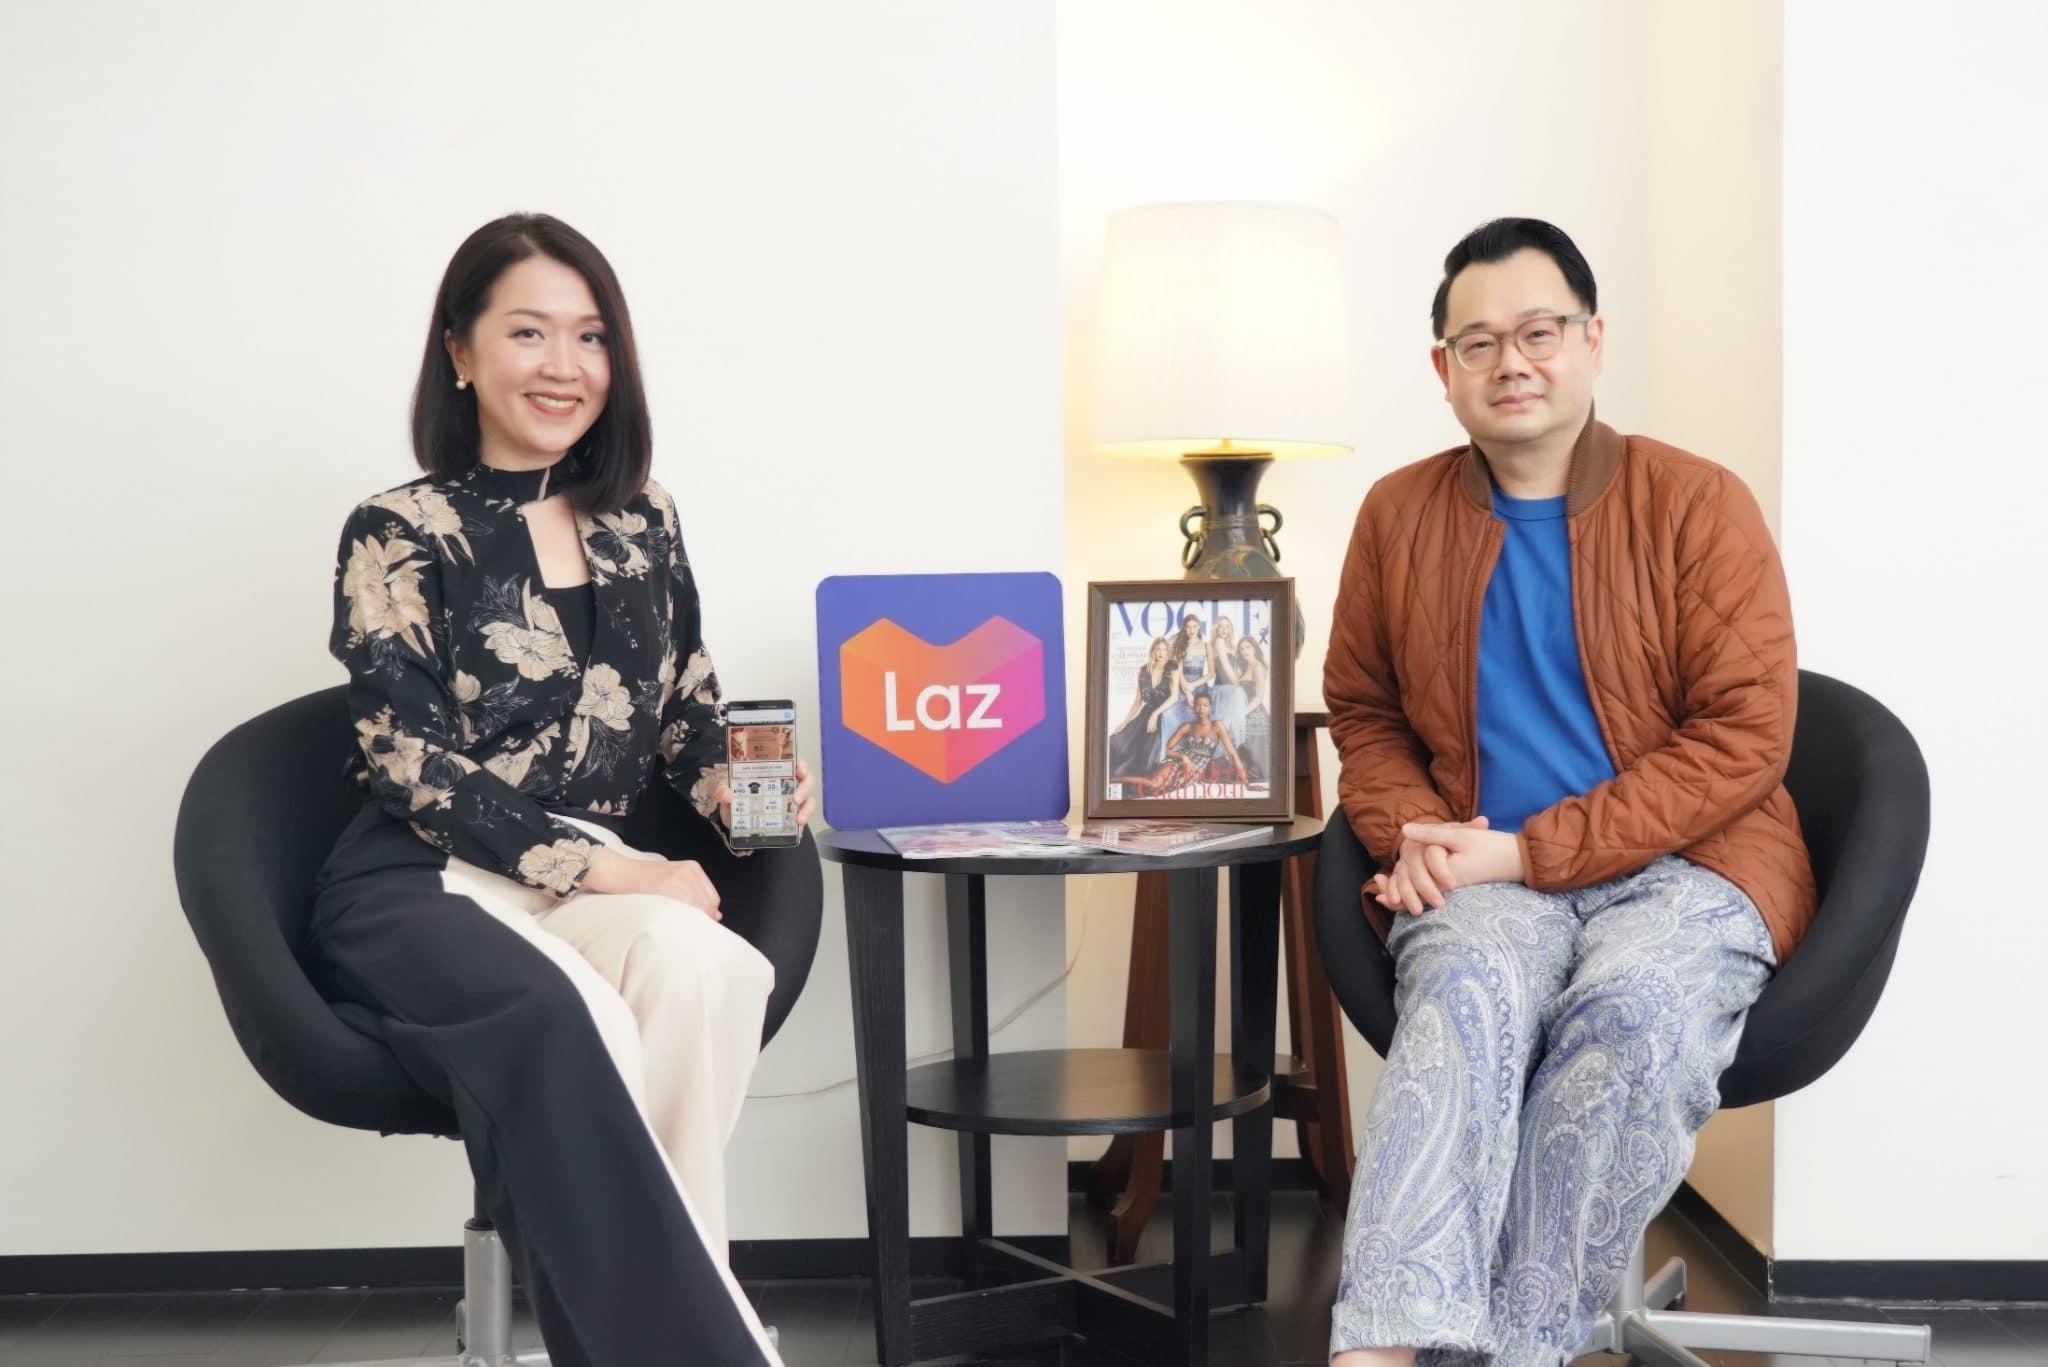 - ลาซาด้าจับมือโว้ก สนับสนุนแบรนด์แฟชั่นไทยชื่อดังจาก VOGUE Who's On Next กว่า 36 แบรนด์สู่ออนไลน์ กระตุ้นเศรษฐกิจไทย ตอบเทรนด์แฟชั่นยุคดิจิทัล